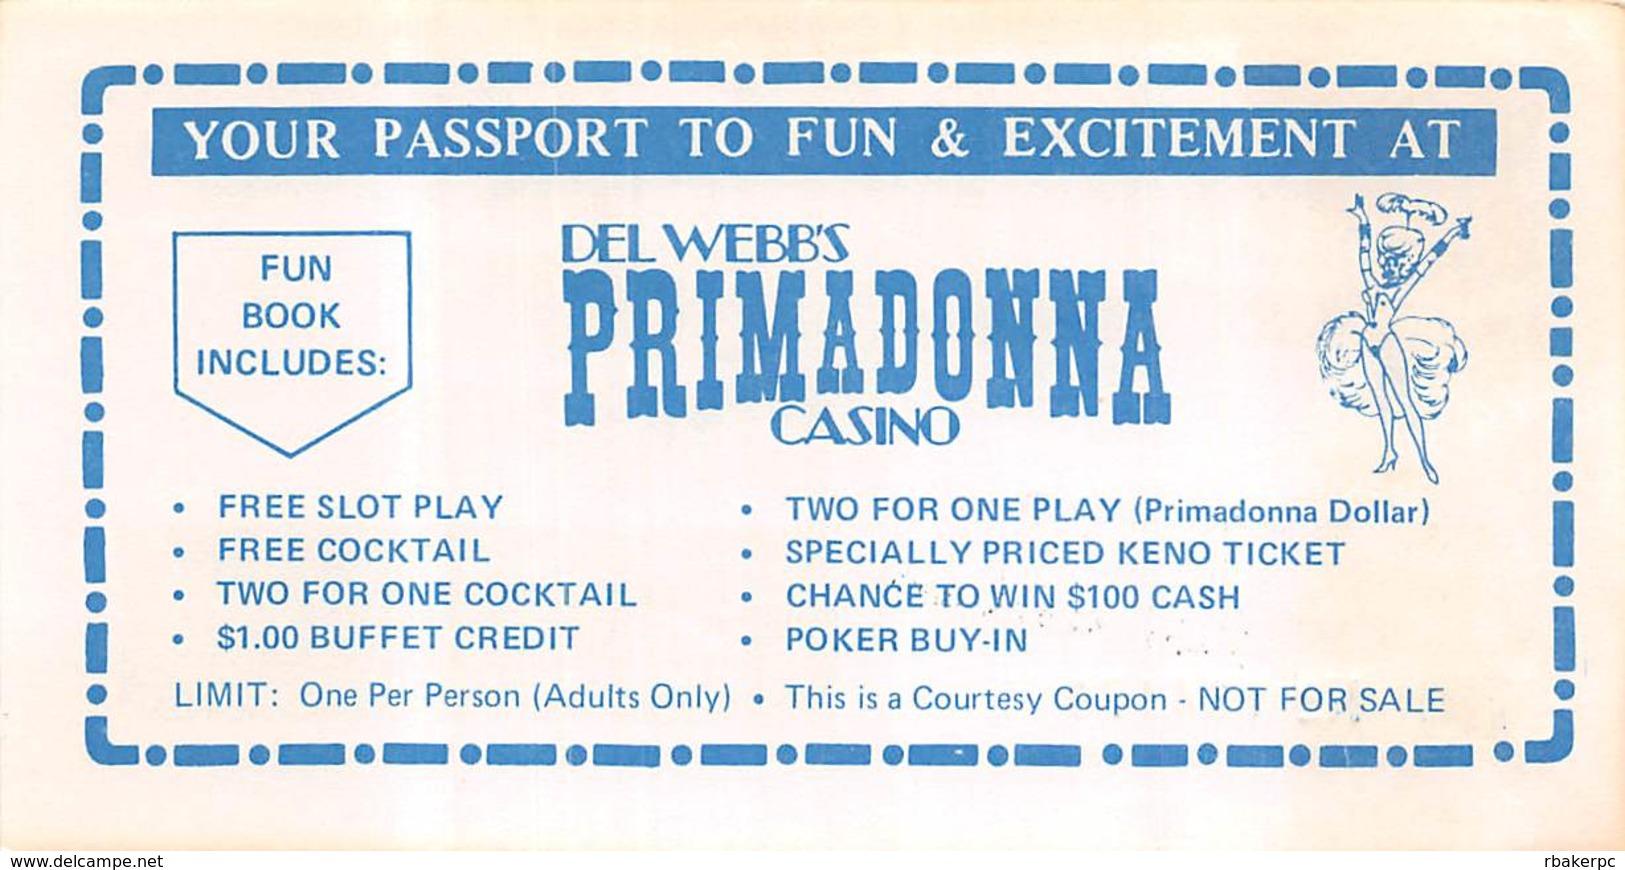 Primadonna Casino - Reno NV - Coupon For Free Fun Book - Advertising